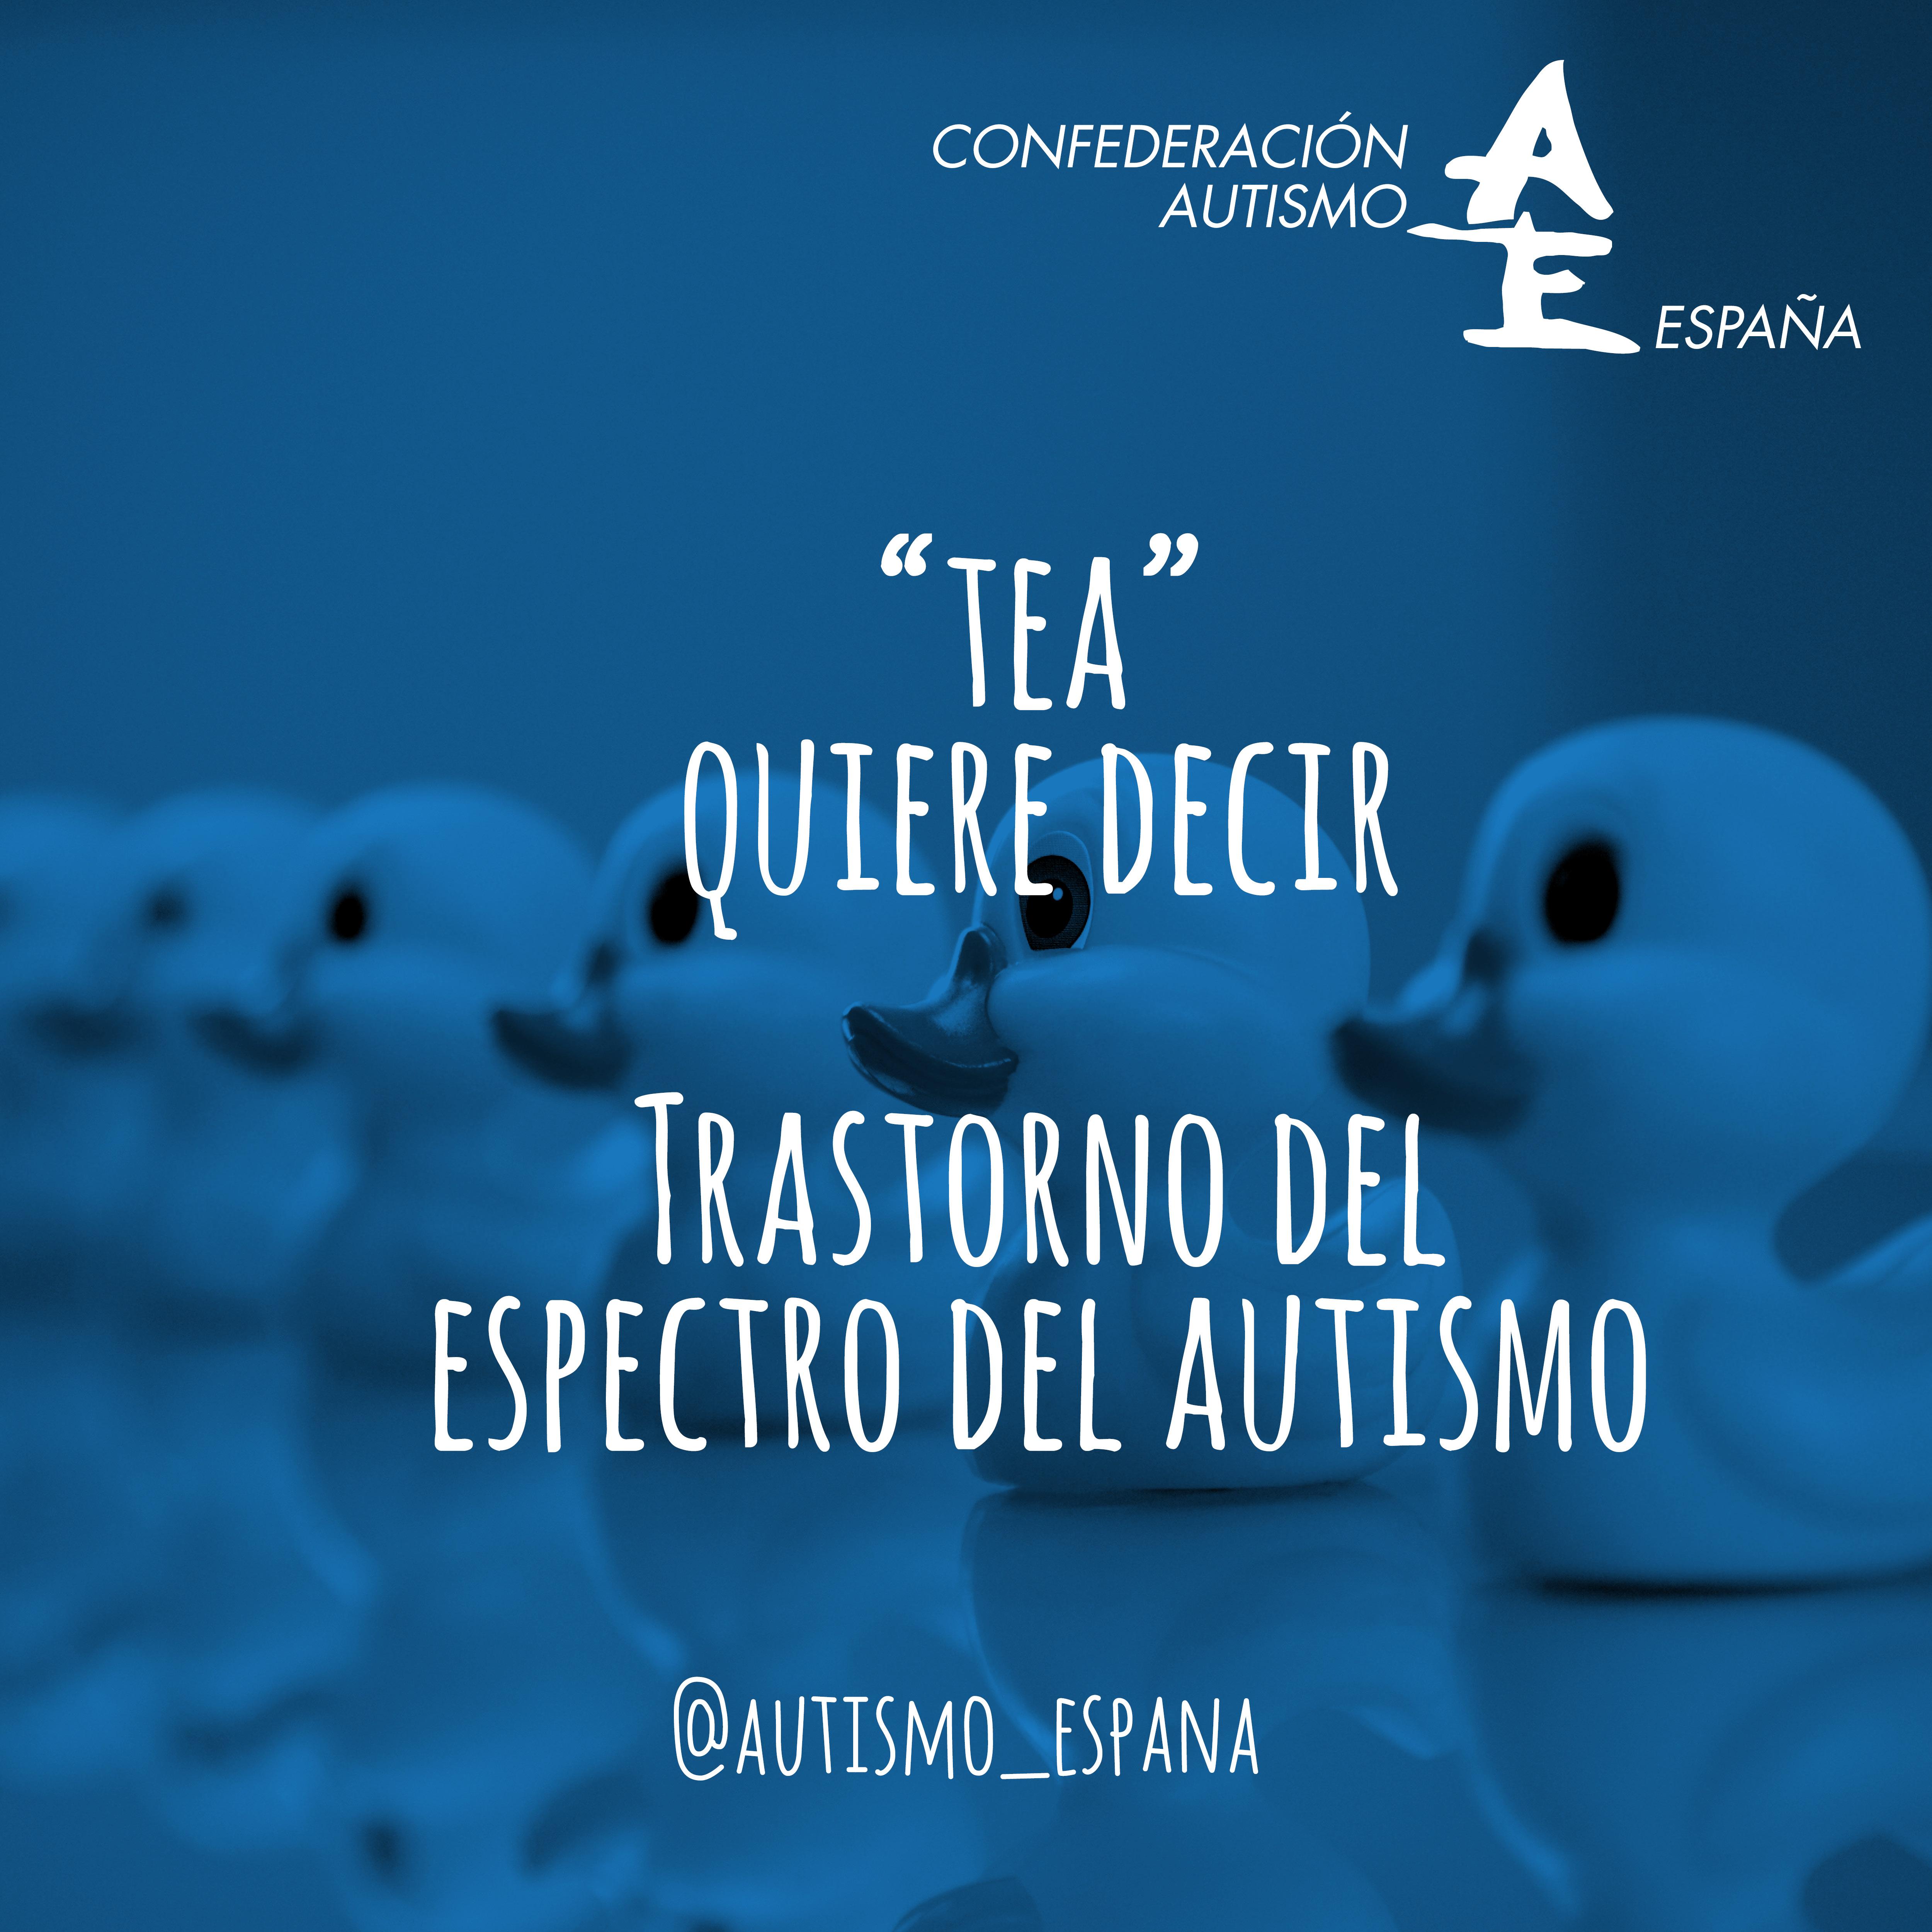 Sabes Que Significa Tea Confederación Autismo España